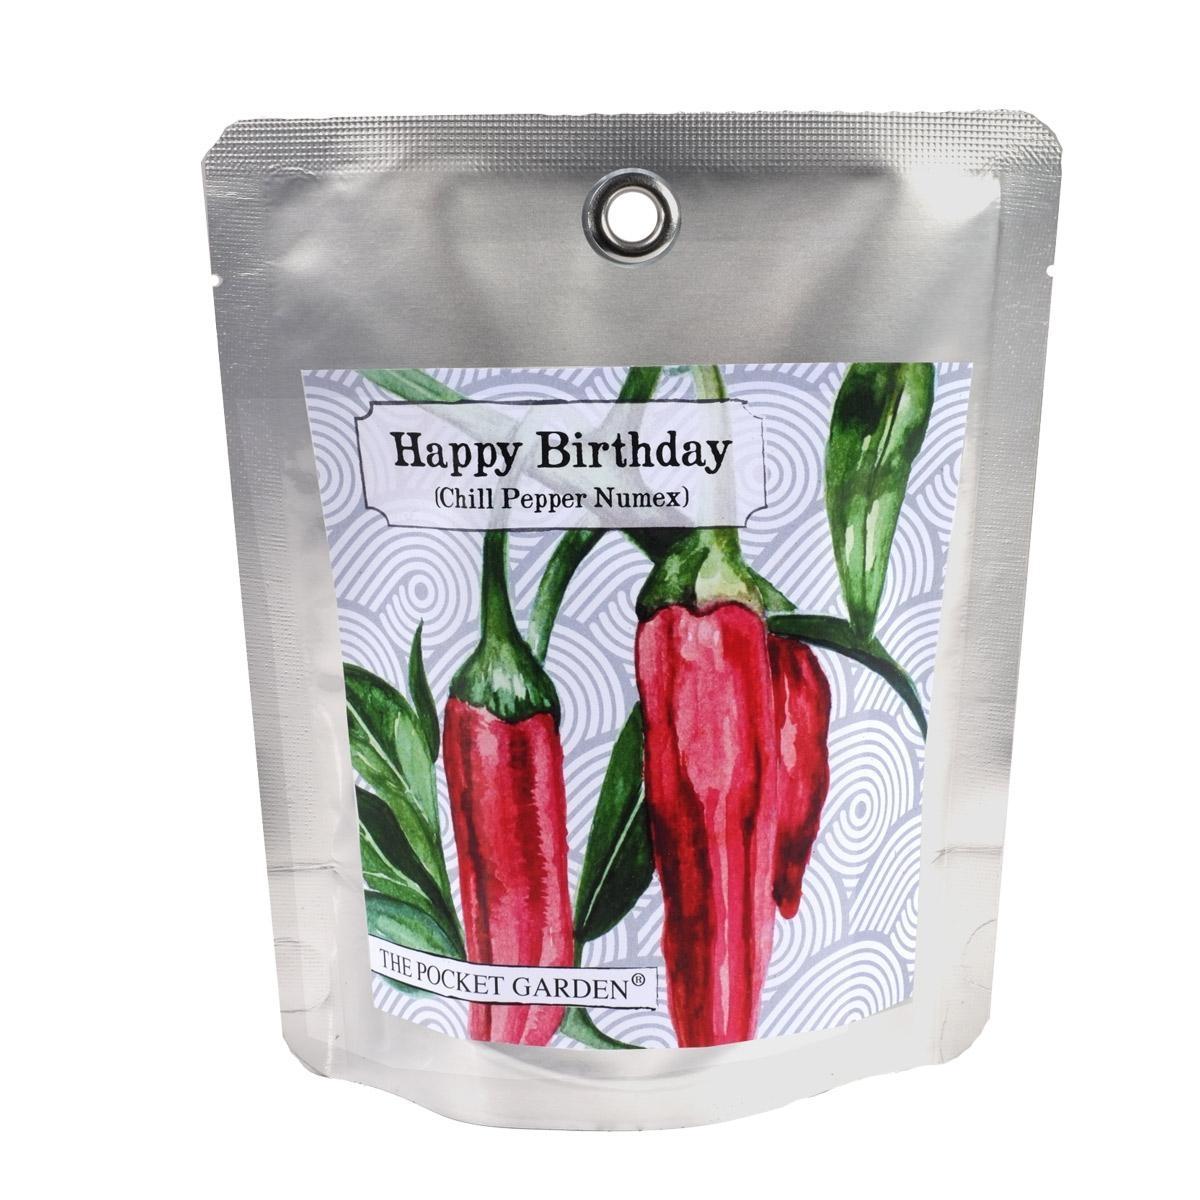 Domácí zahrádka Canova Pocket Garden - chilli papričky